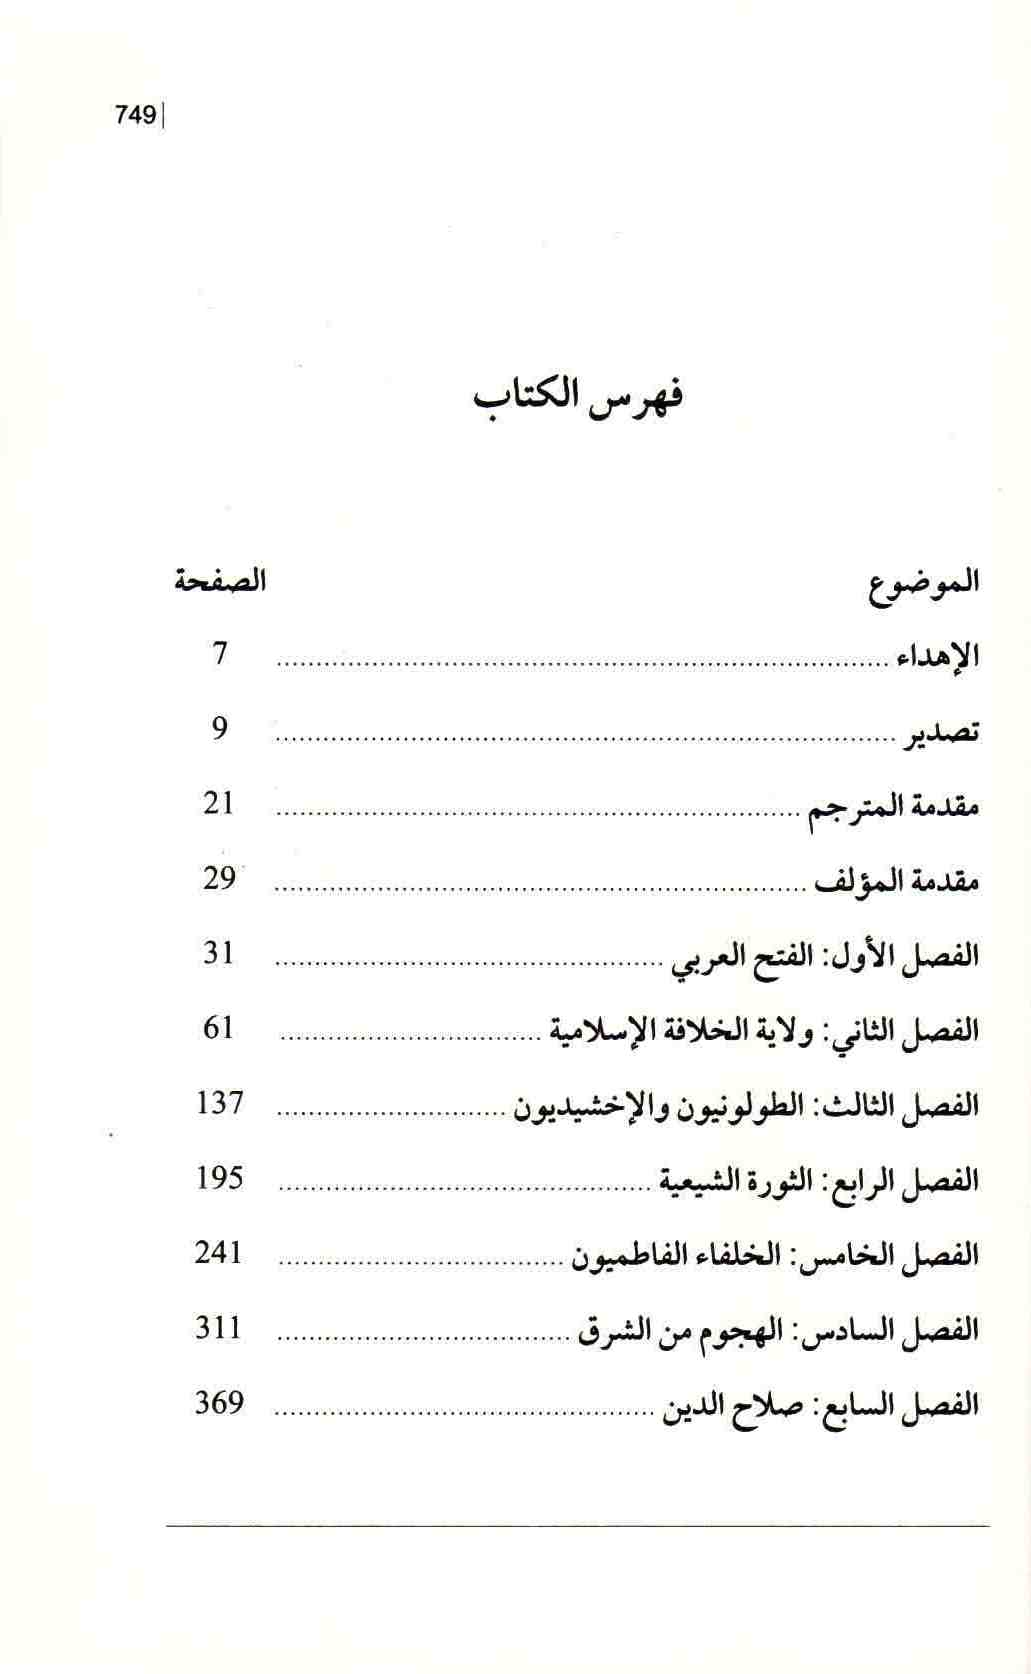 ص749 محتويات كتاب تاريخ مصر في العصور الوسطى